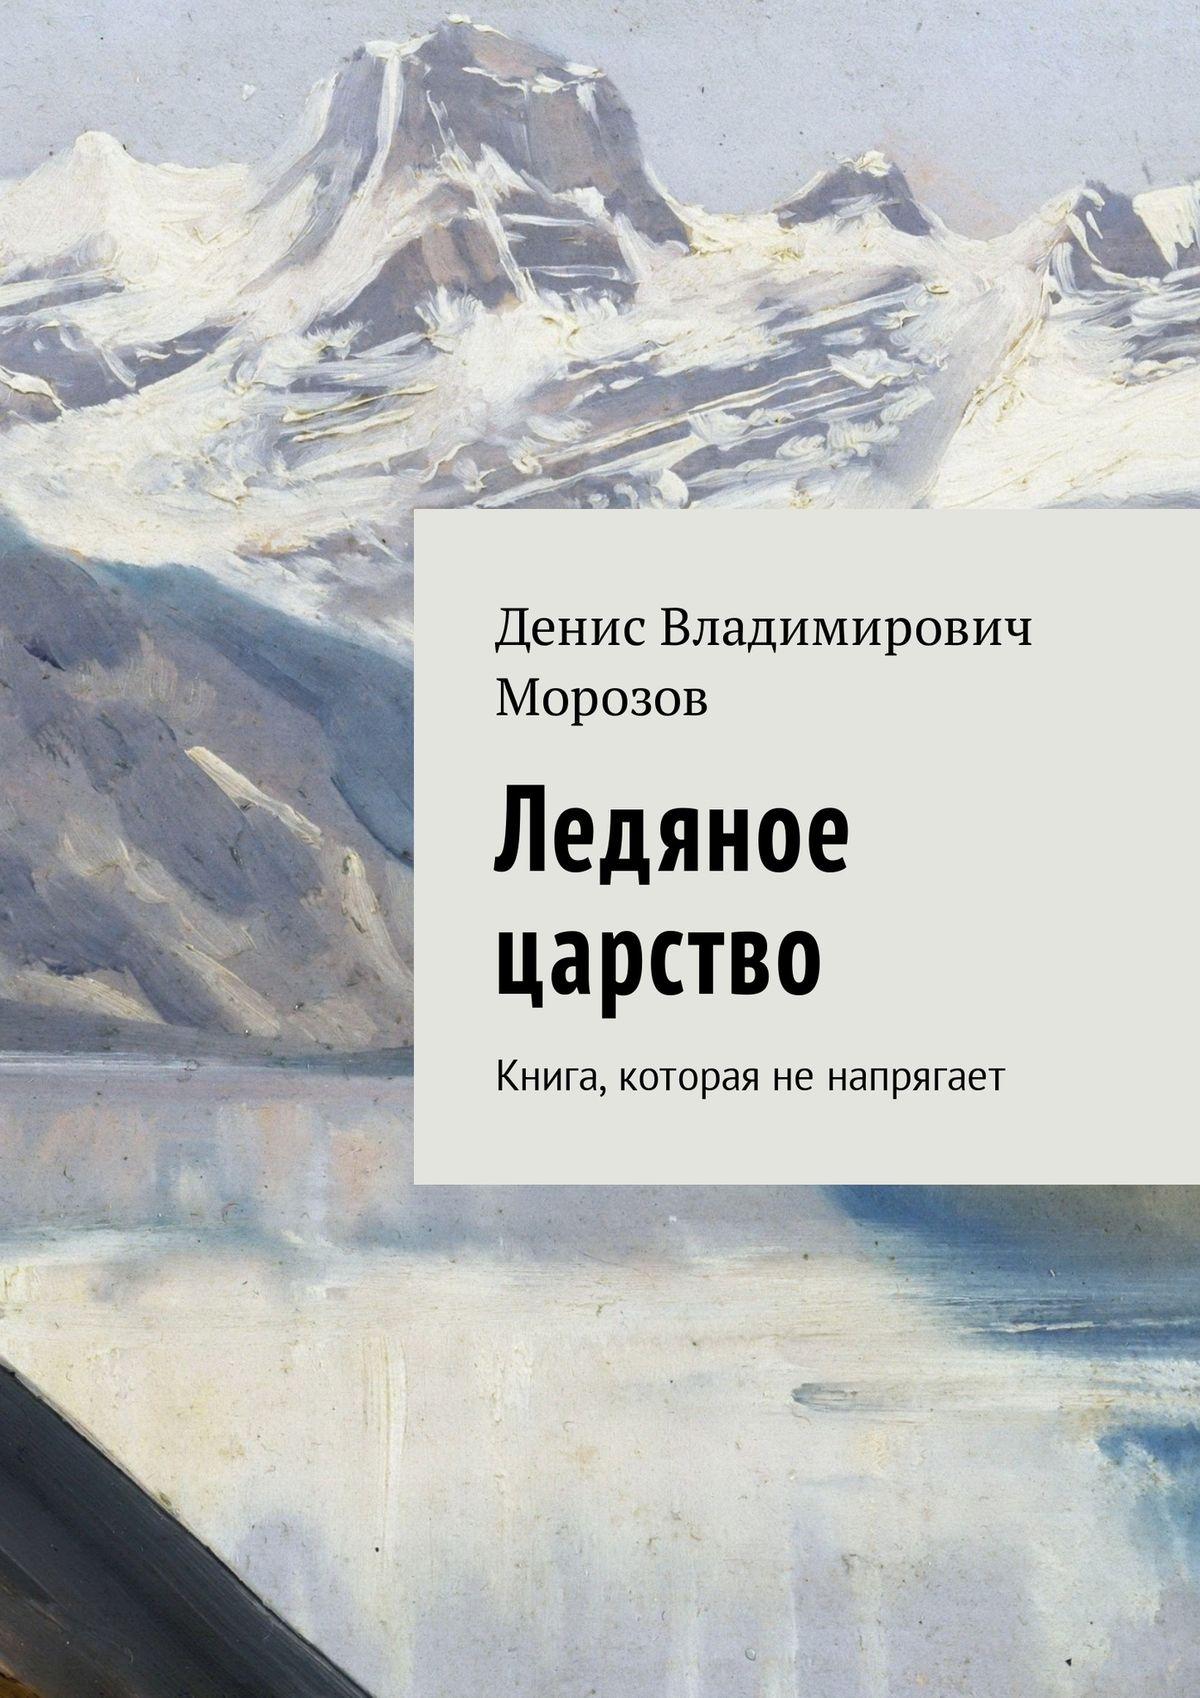 Денис Владимирович Морозов Ледяное царство. Книга, которая ненапрягает никита шевцев царство ледяного покоя частьi